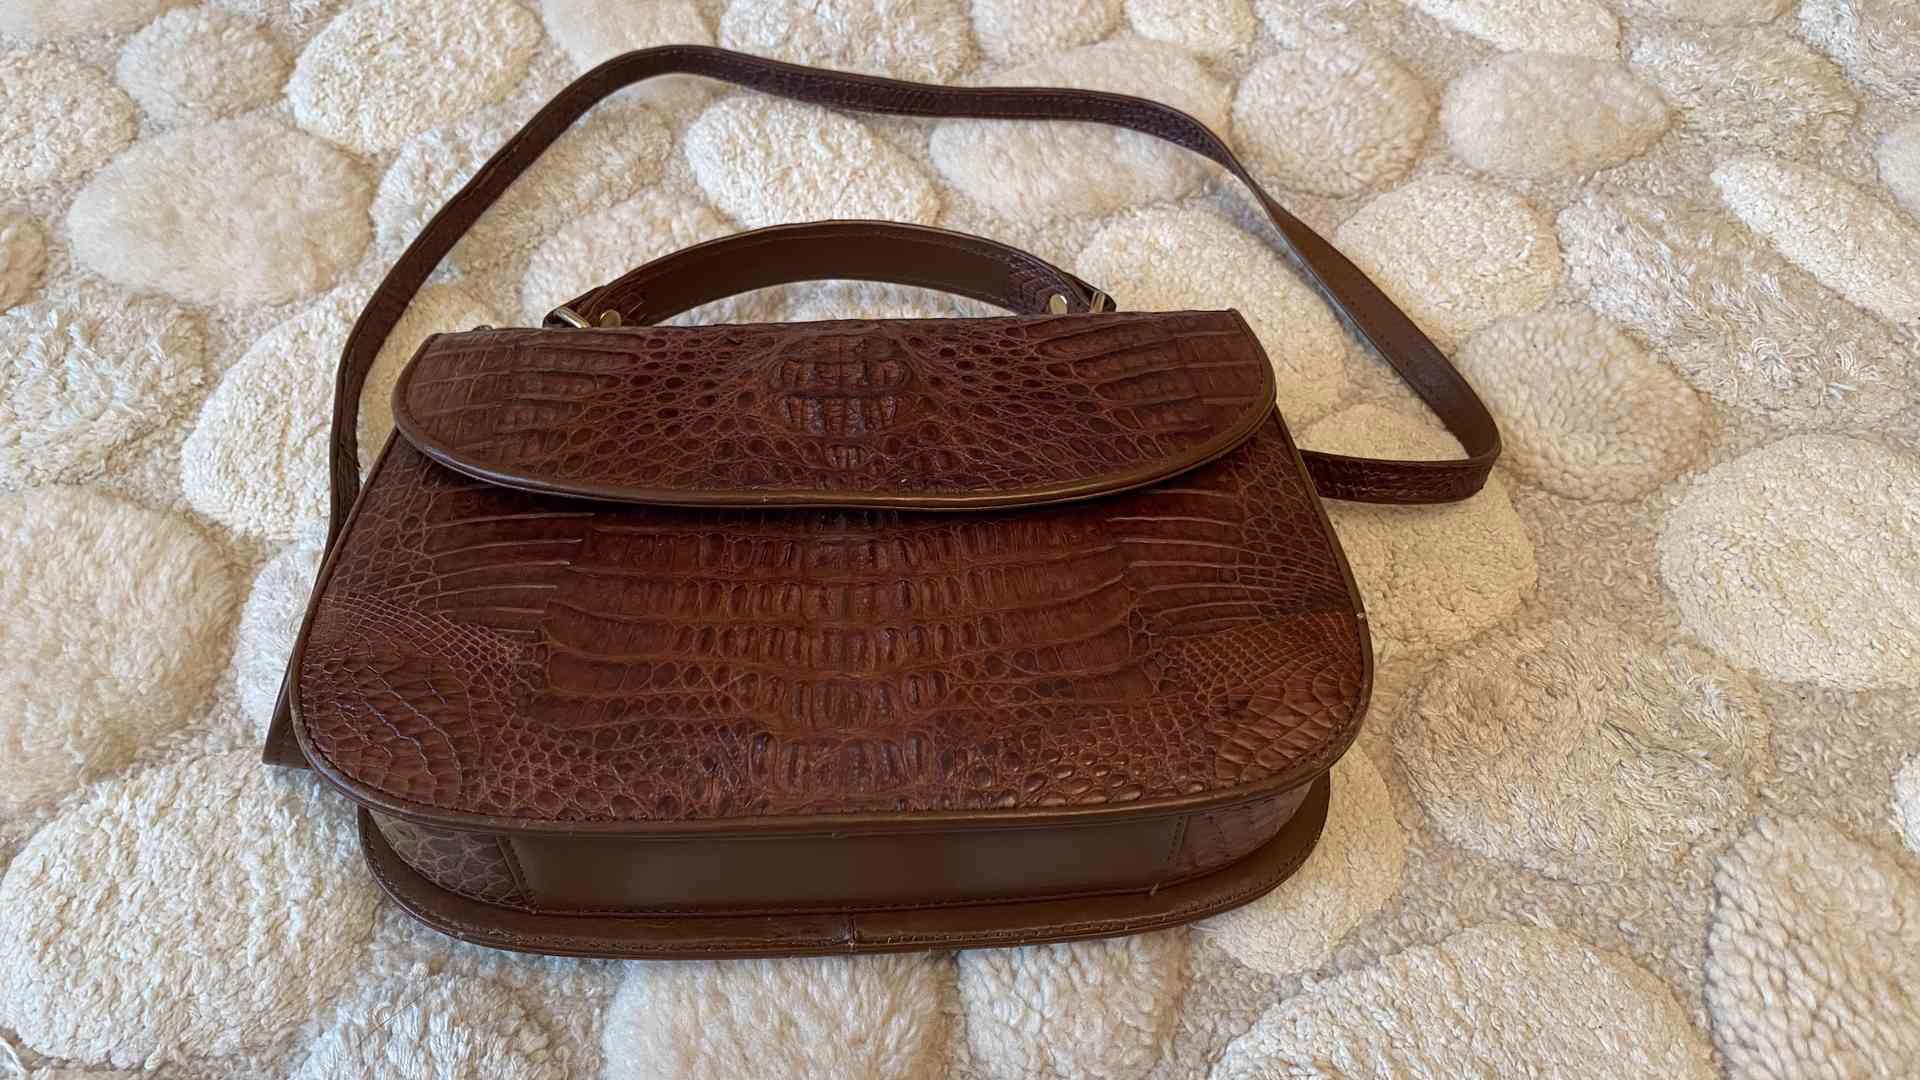 kabelka z krokodýlí kůže - foto 1